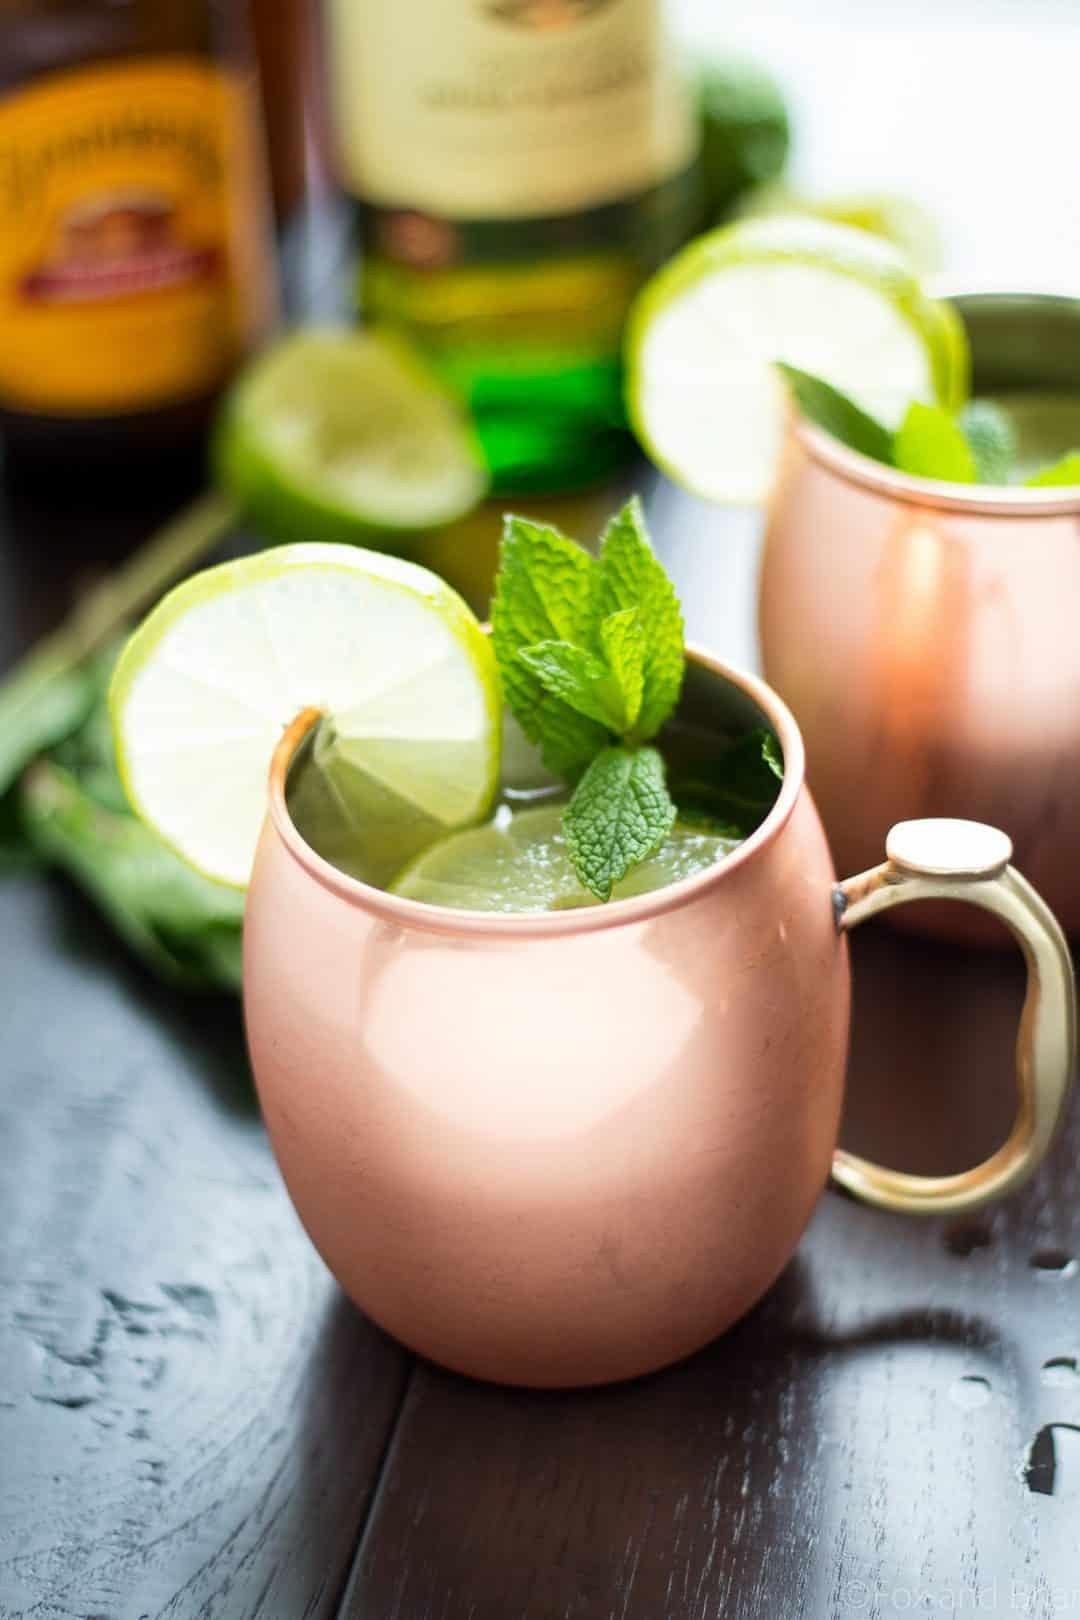 Irish mule cocktail, served in a copper mug